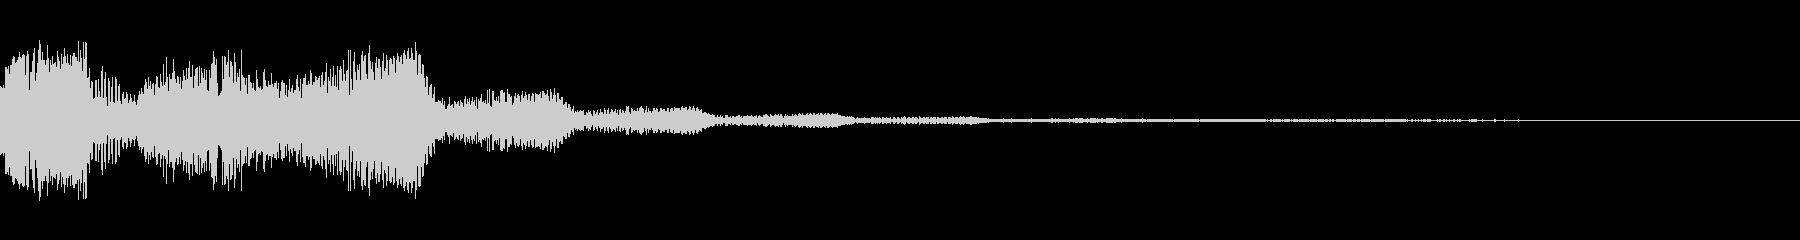 ビーム(ズキュン)の未再生の波形